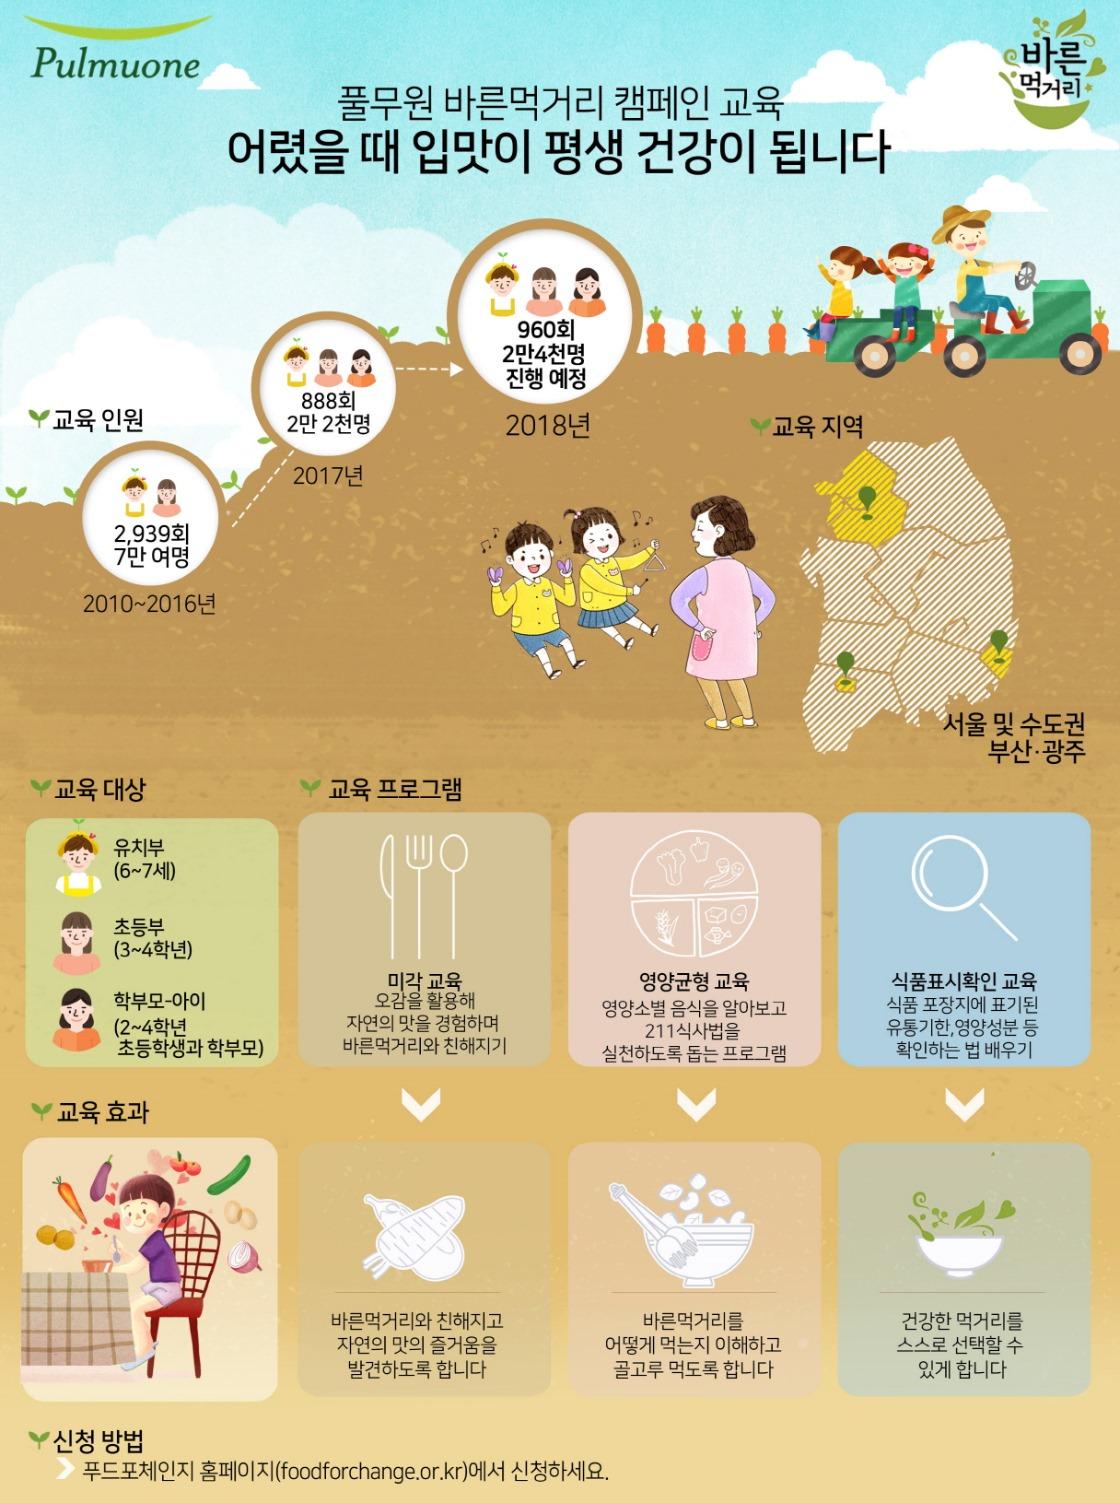 [인포그래픽]풀무원 바른먹거리 교육 소개.jpg